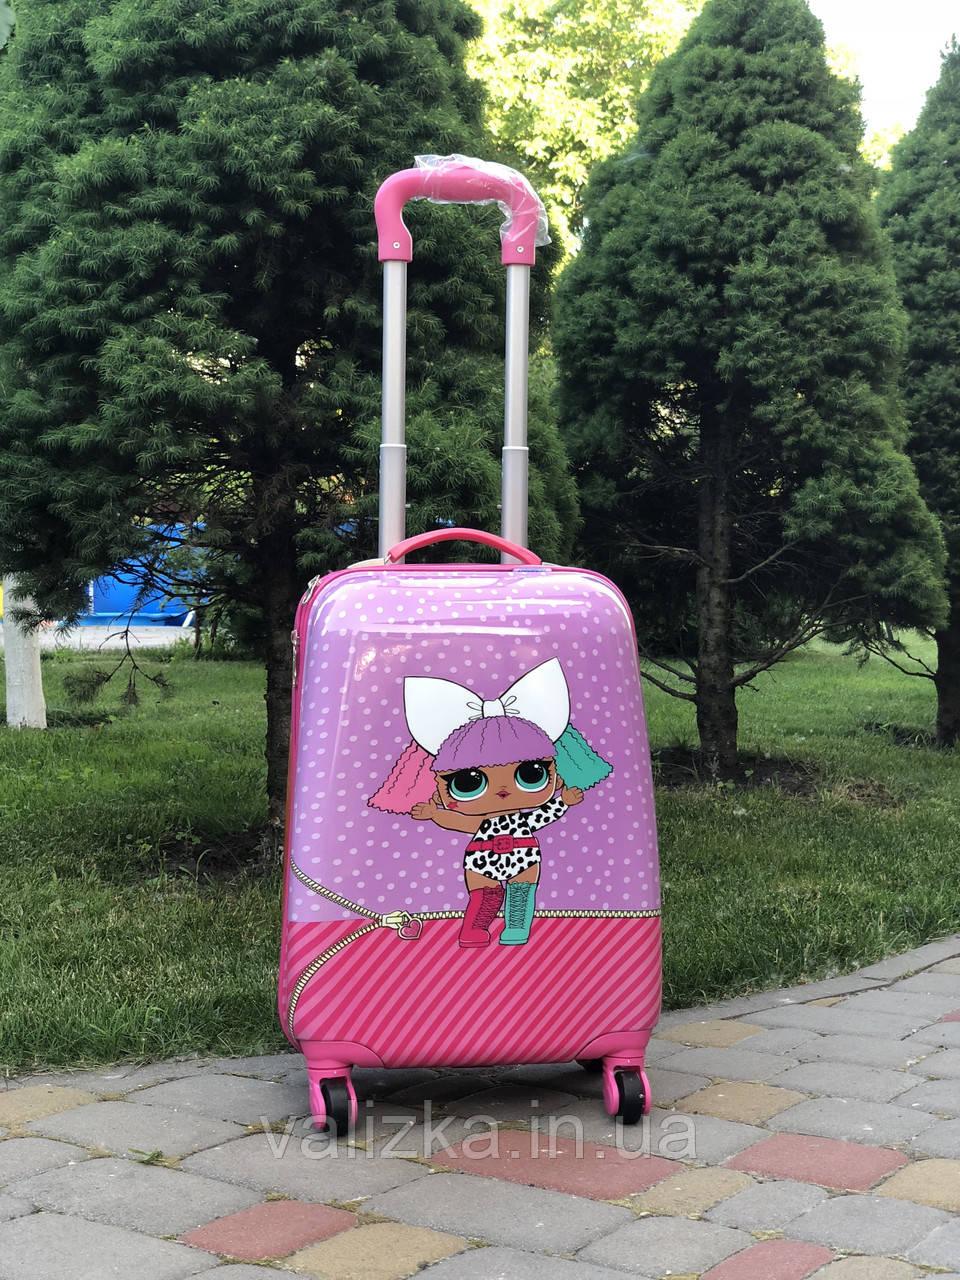 Чемодан дорожный детский для девочки 4 колеса  ручная кладь Josepf Ottenn  кукла LOL Surprise Лол  44 см